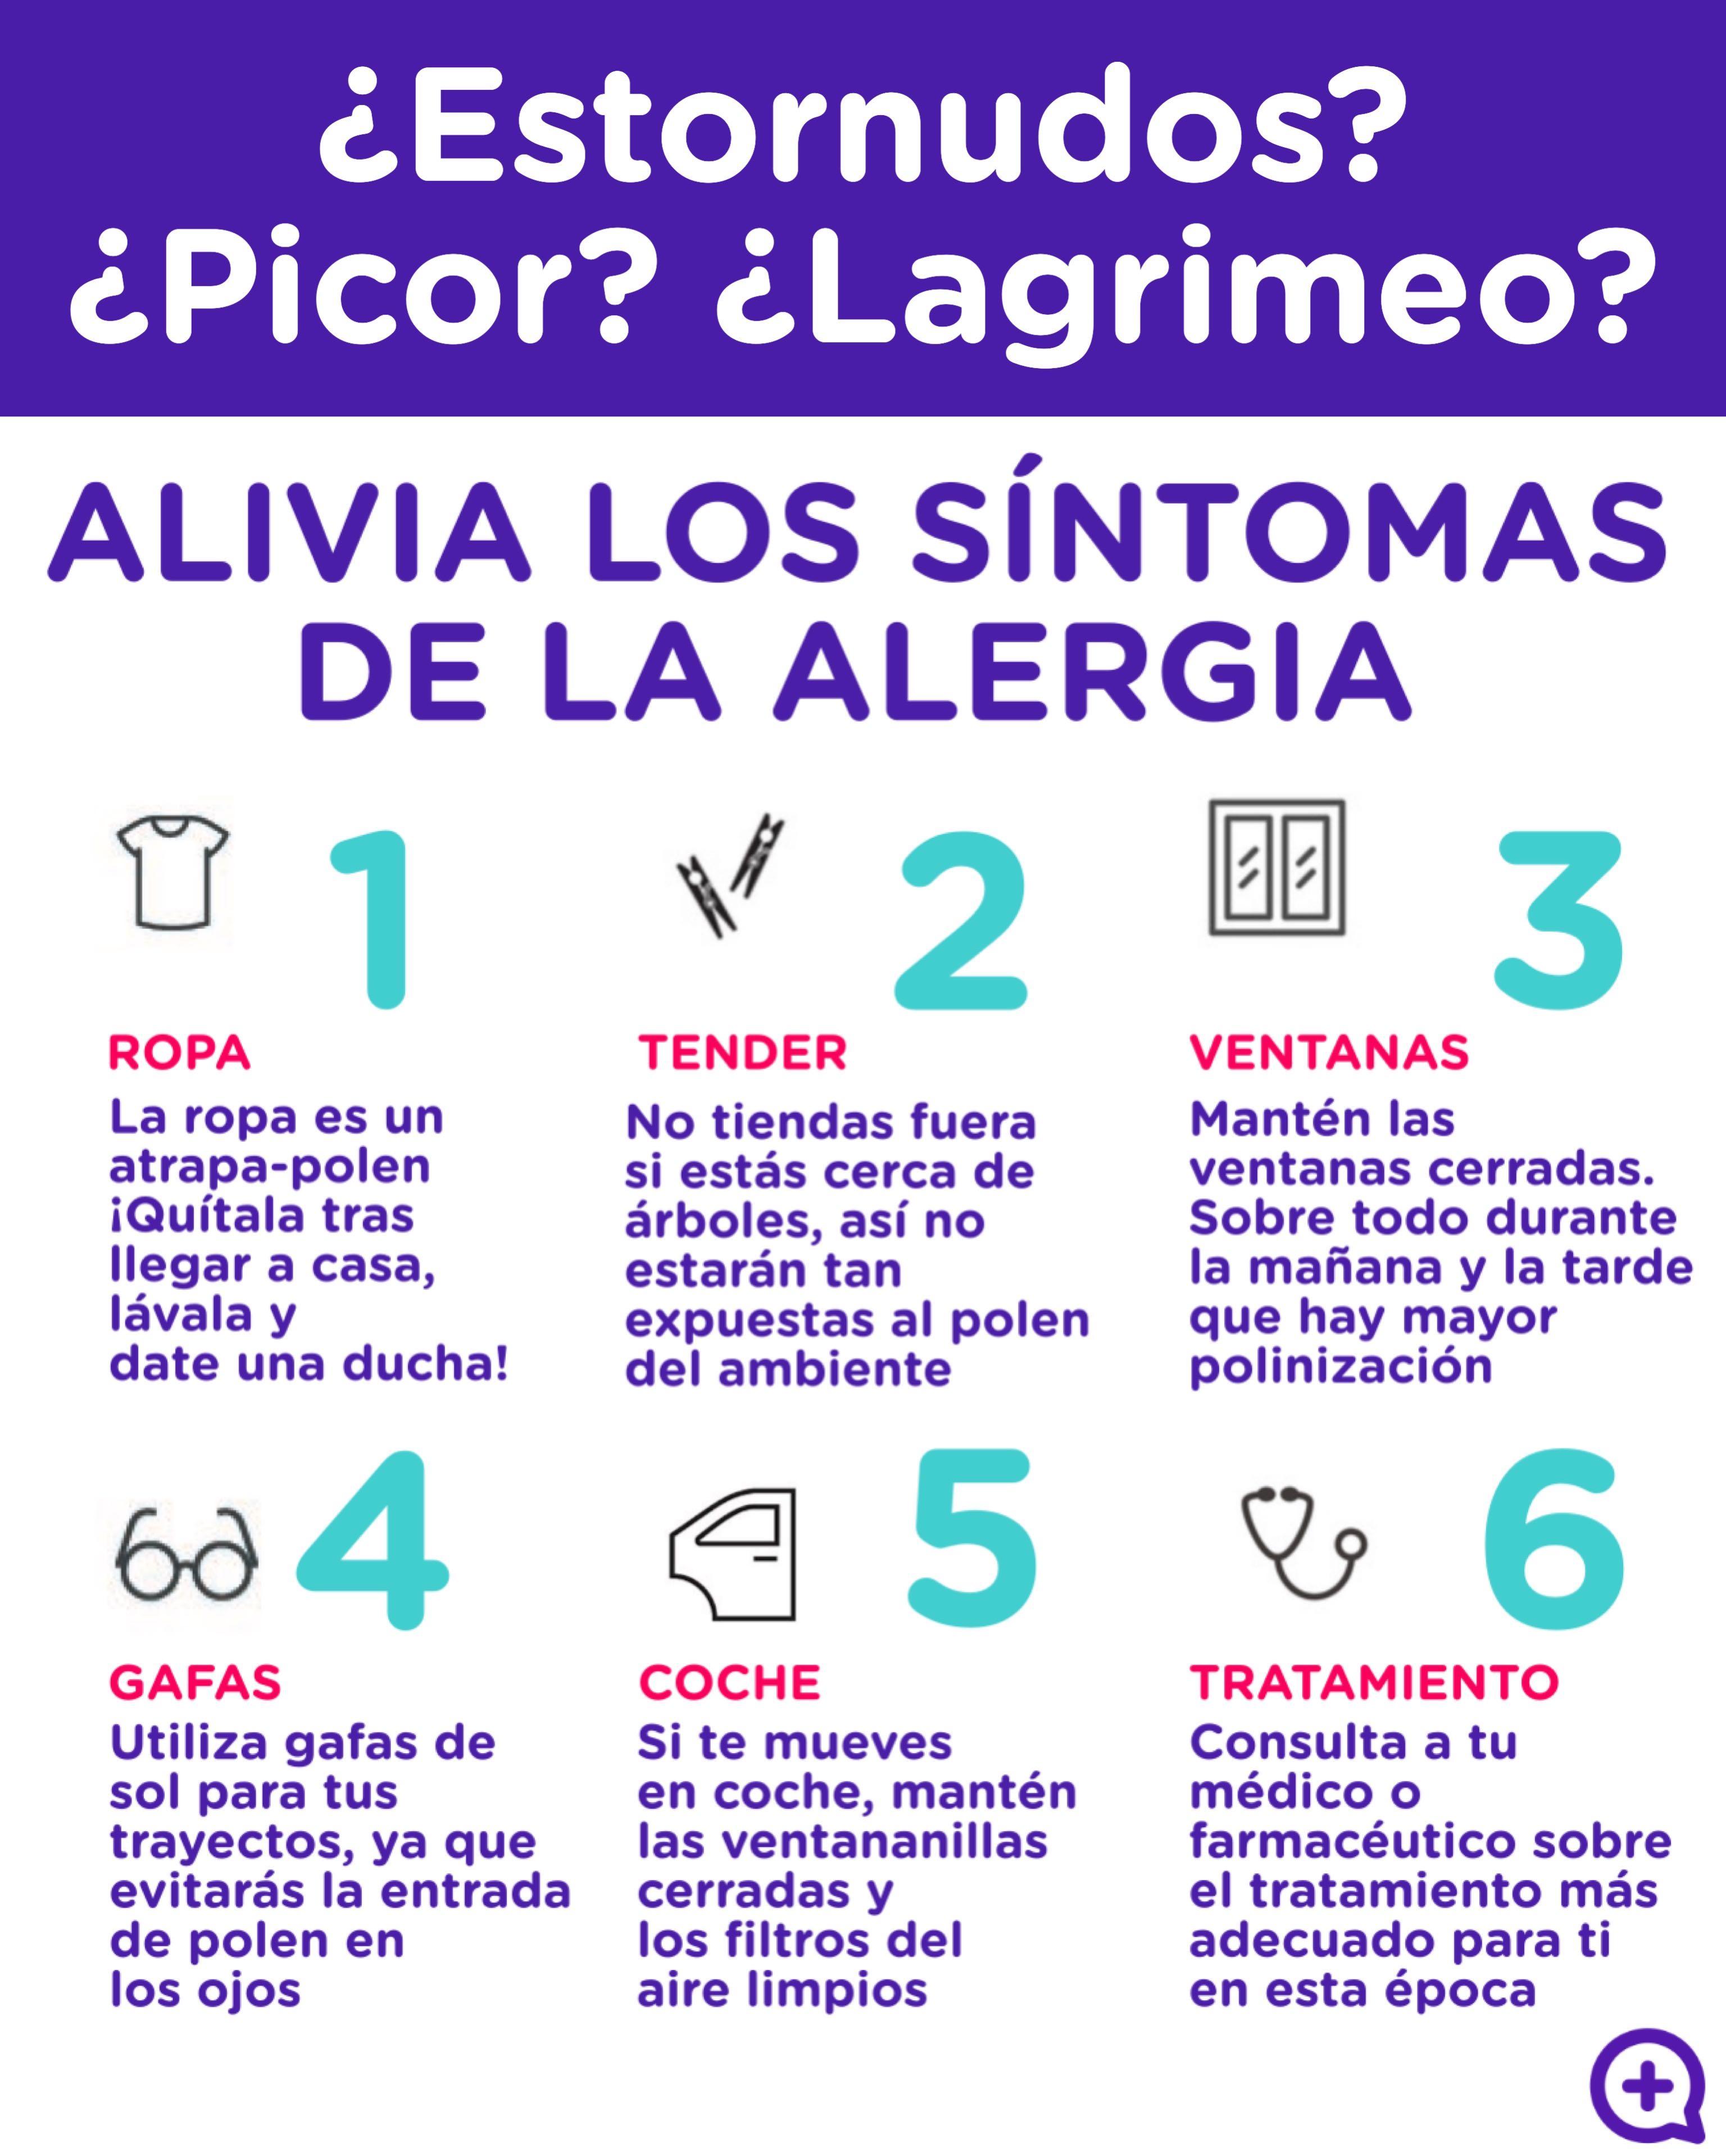 alergia, polen, síntomas, ciprés, estornudos, picor, lagrimeo. Mediquo. Tu amigo médico. Chat médico.